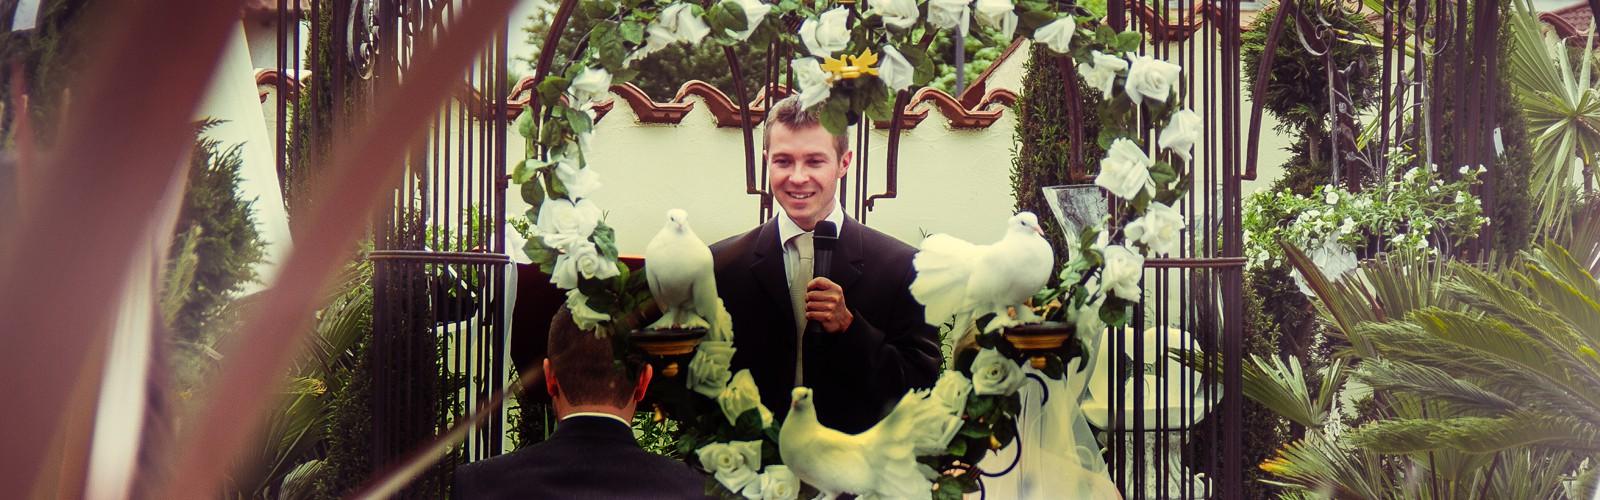 Romantische Trauung mit weißen Tauben